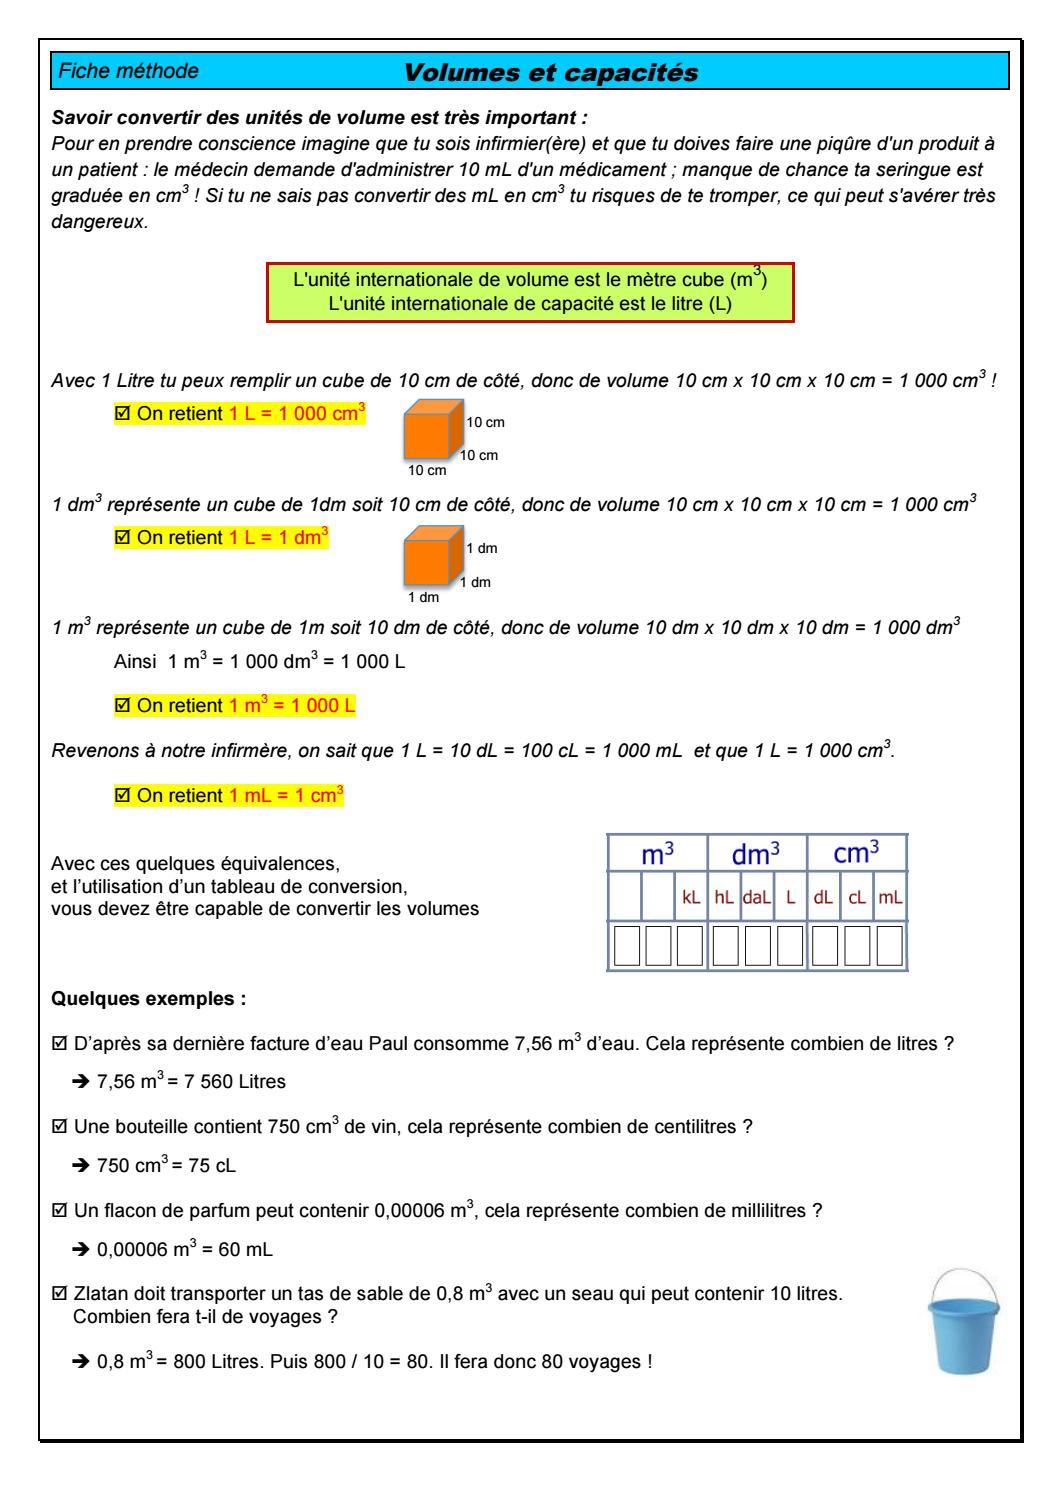 1 B Tableau De Conversion De Volume By Rouen Physique Issuu